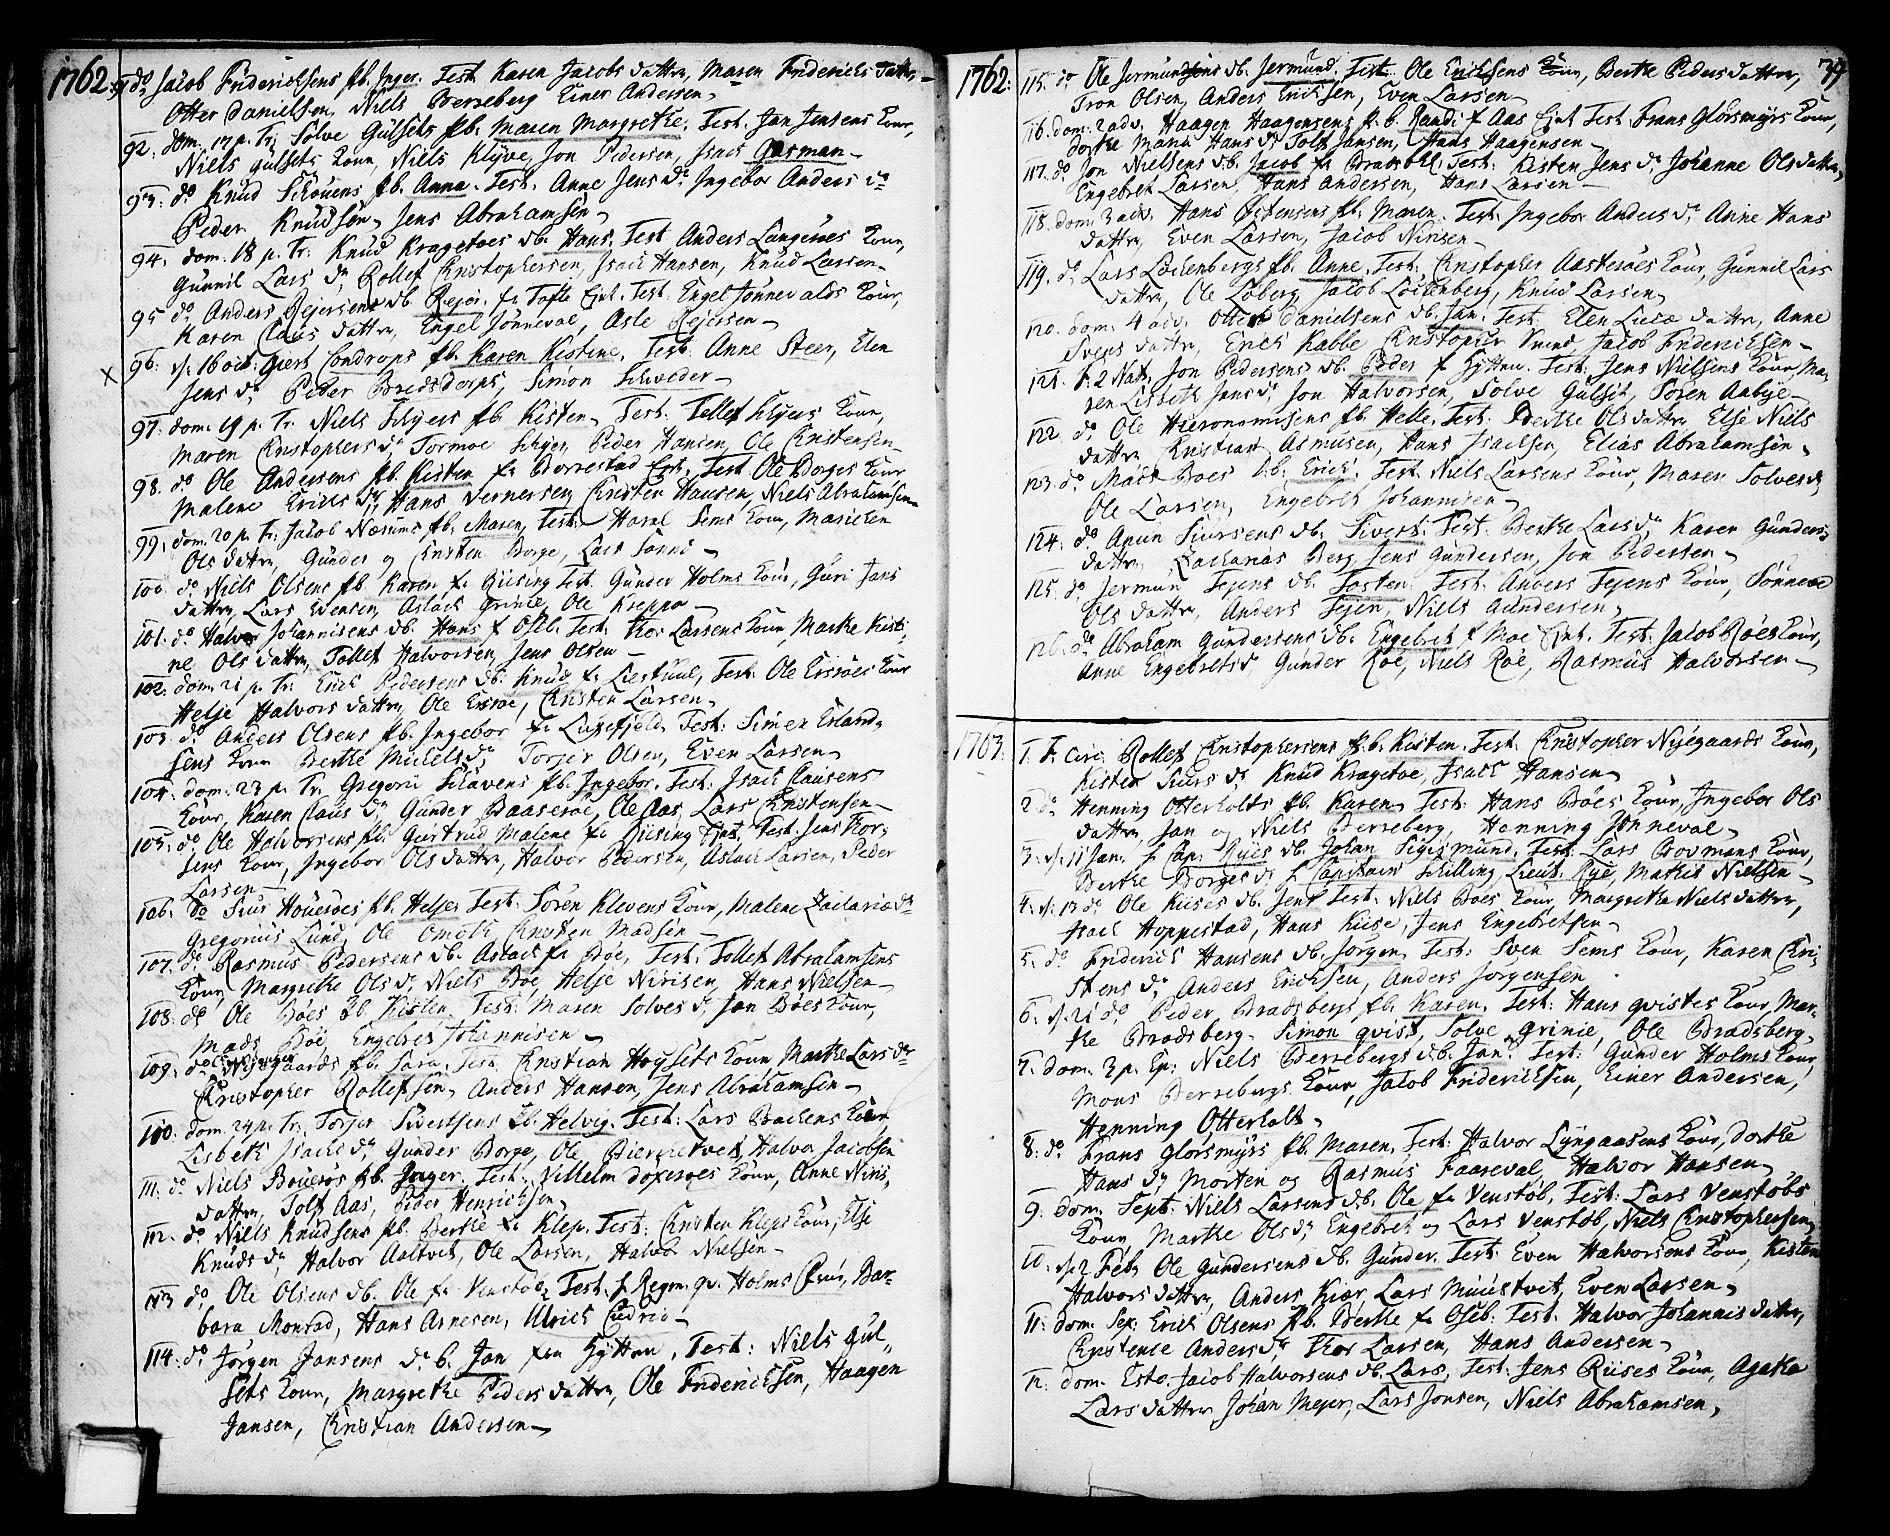 SAKO, Gjerpen kirkebøker, F/Fa/L0002: Ministerialbok nr. 2, 1747-1795, s. 39